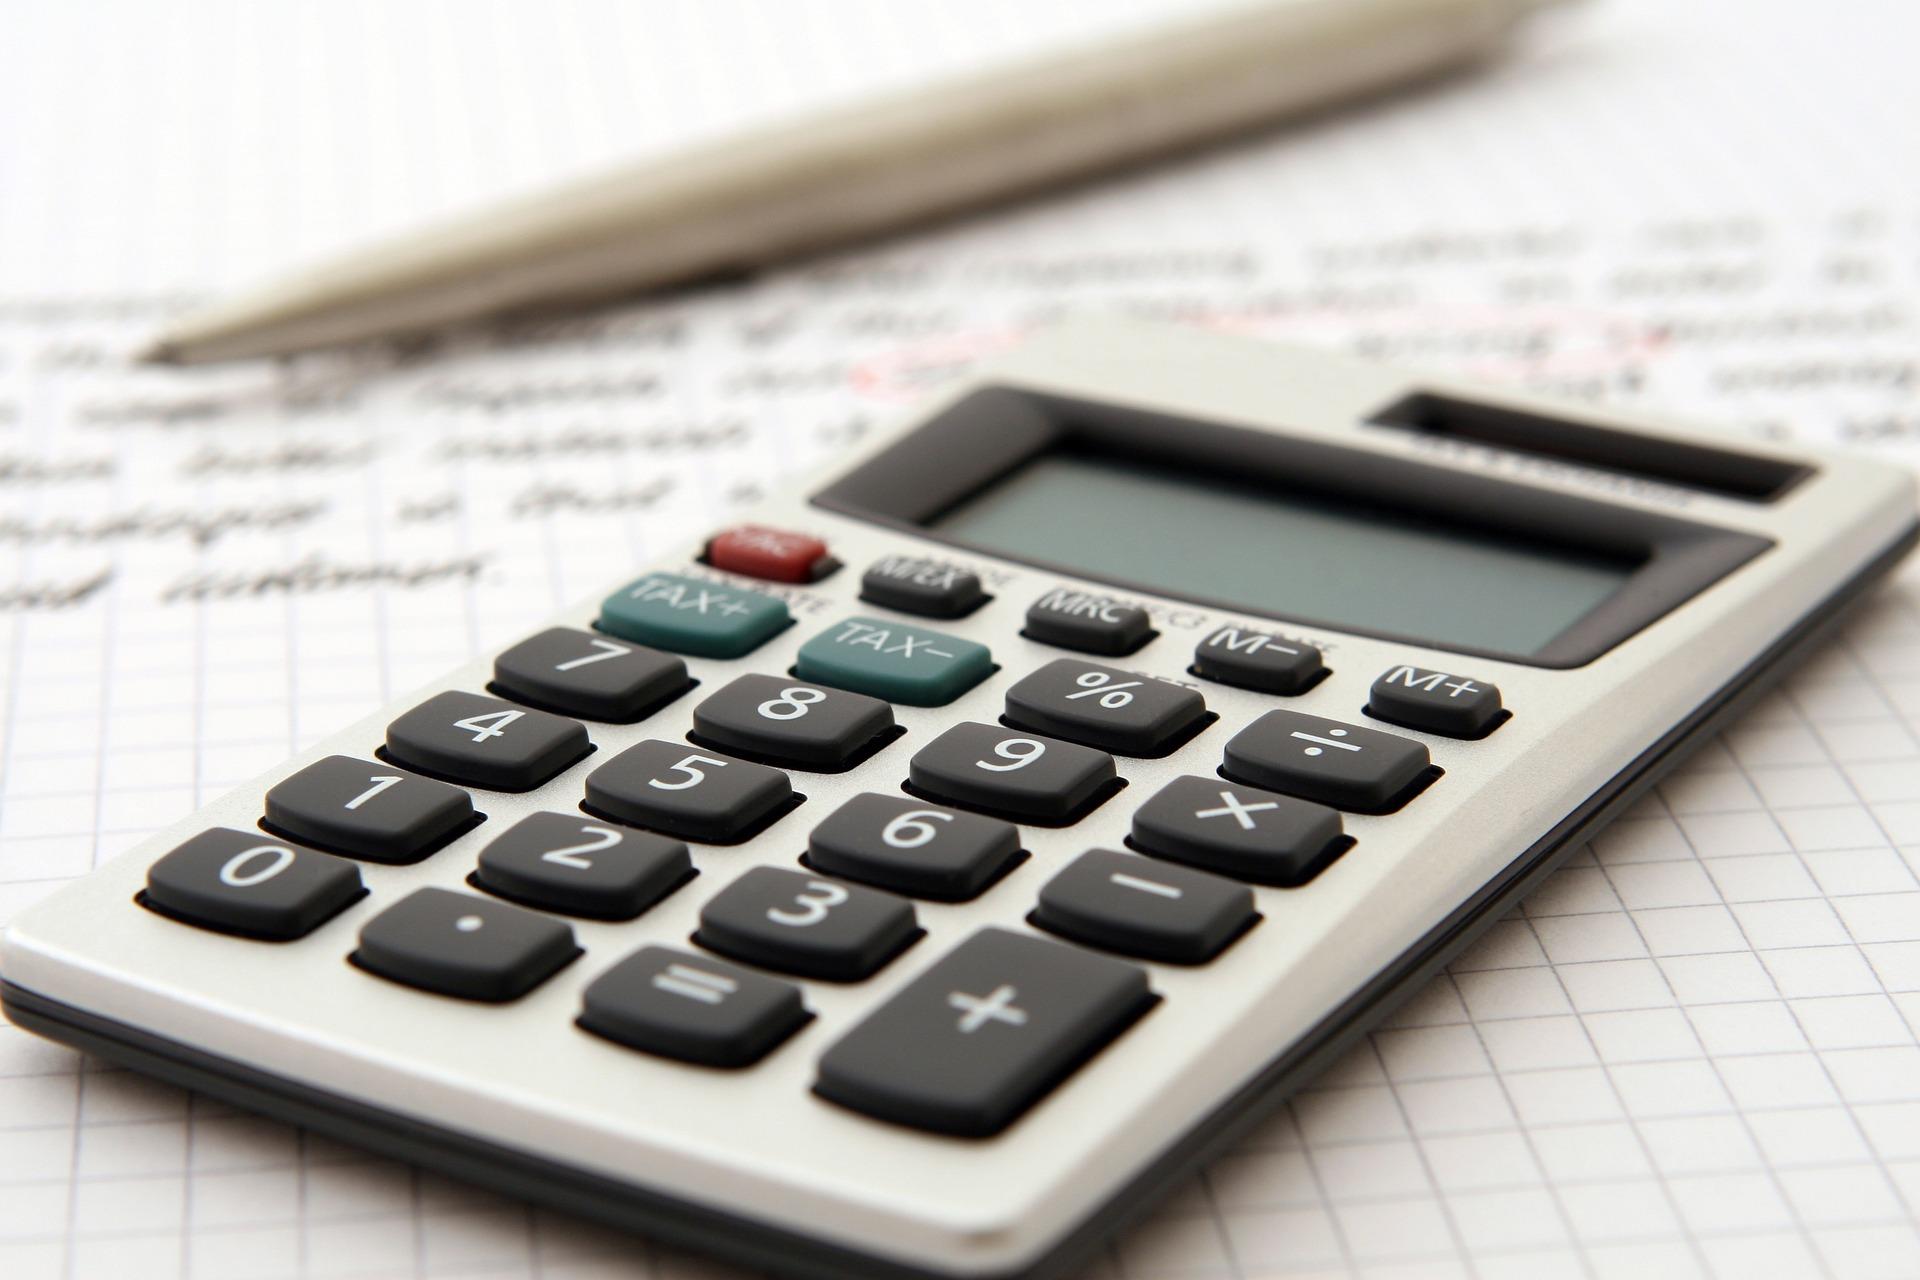 【起業とお金】起業と税金、そして税金対策について考える